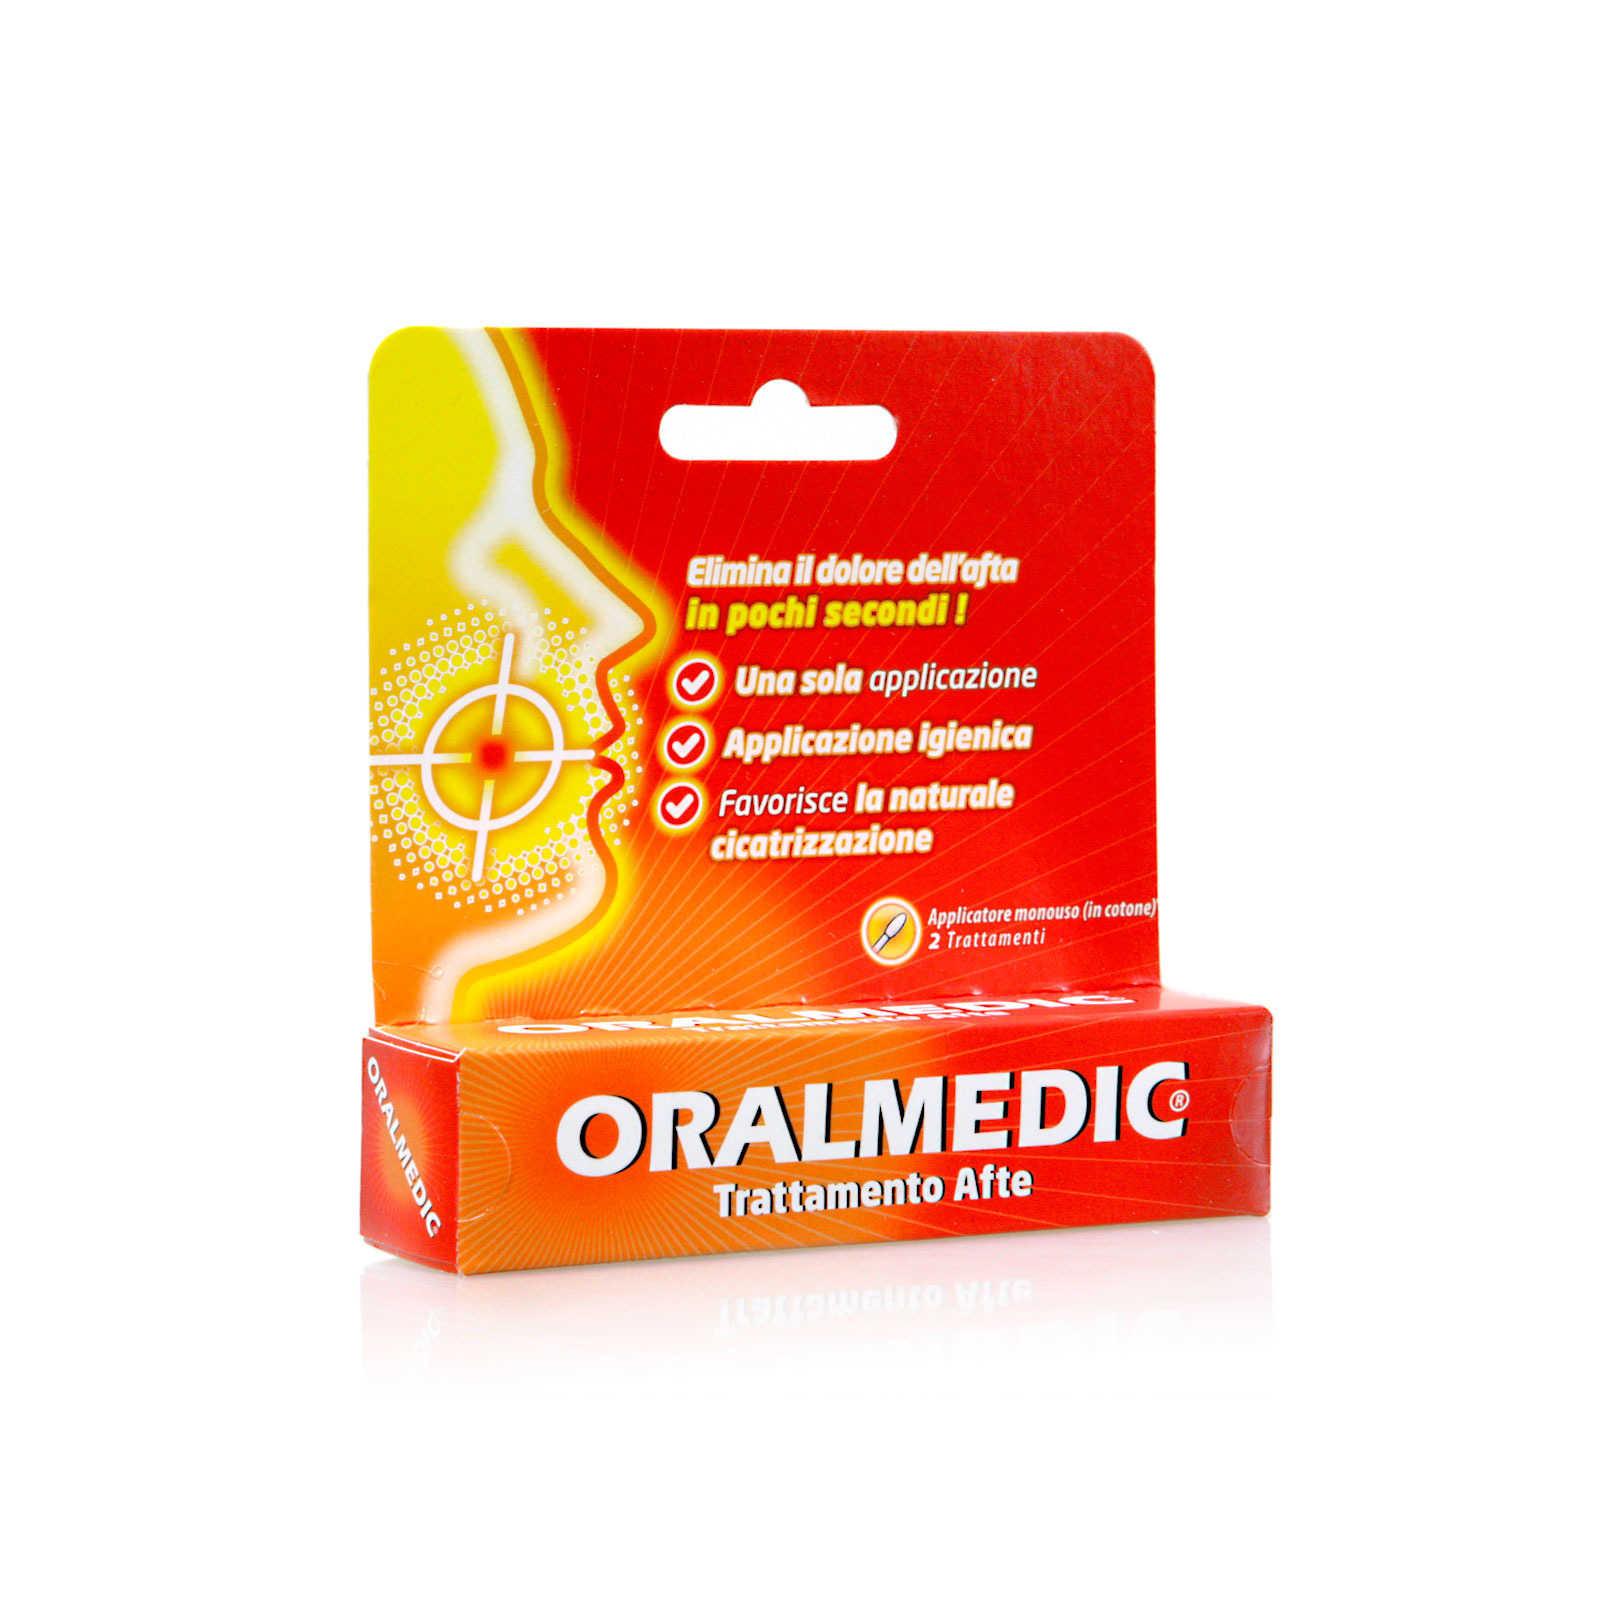 Oralmedic Trattamento Afte